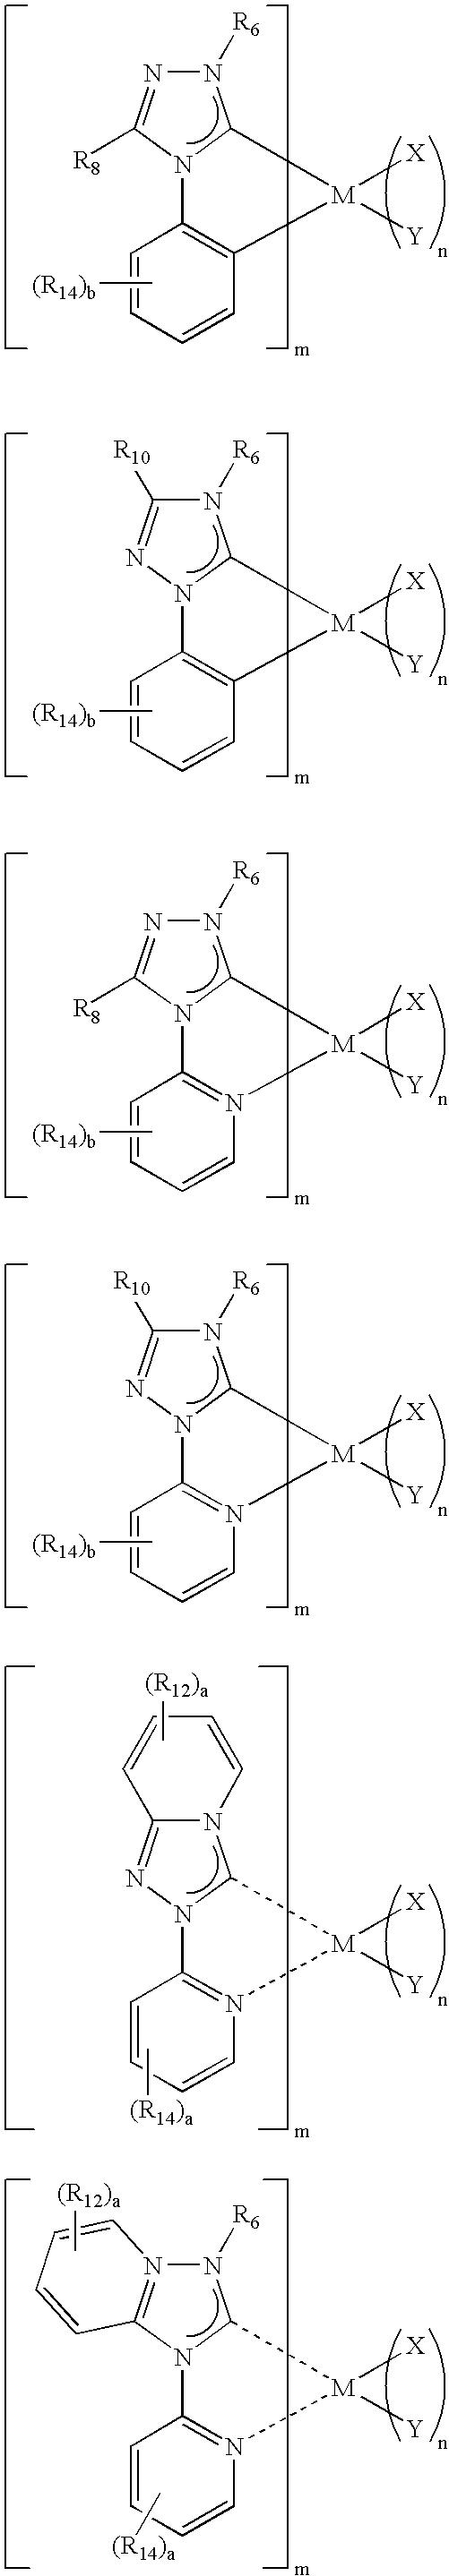 Figure US20050260441A1-20051124-C00039